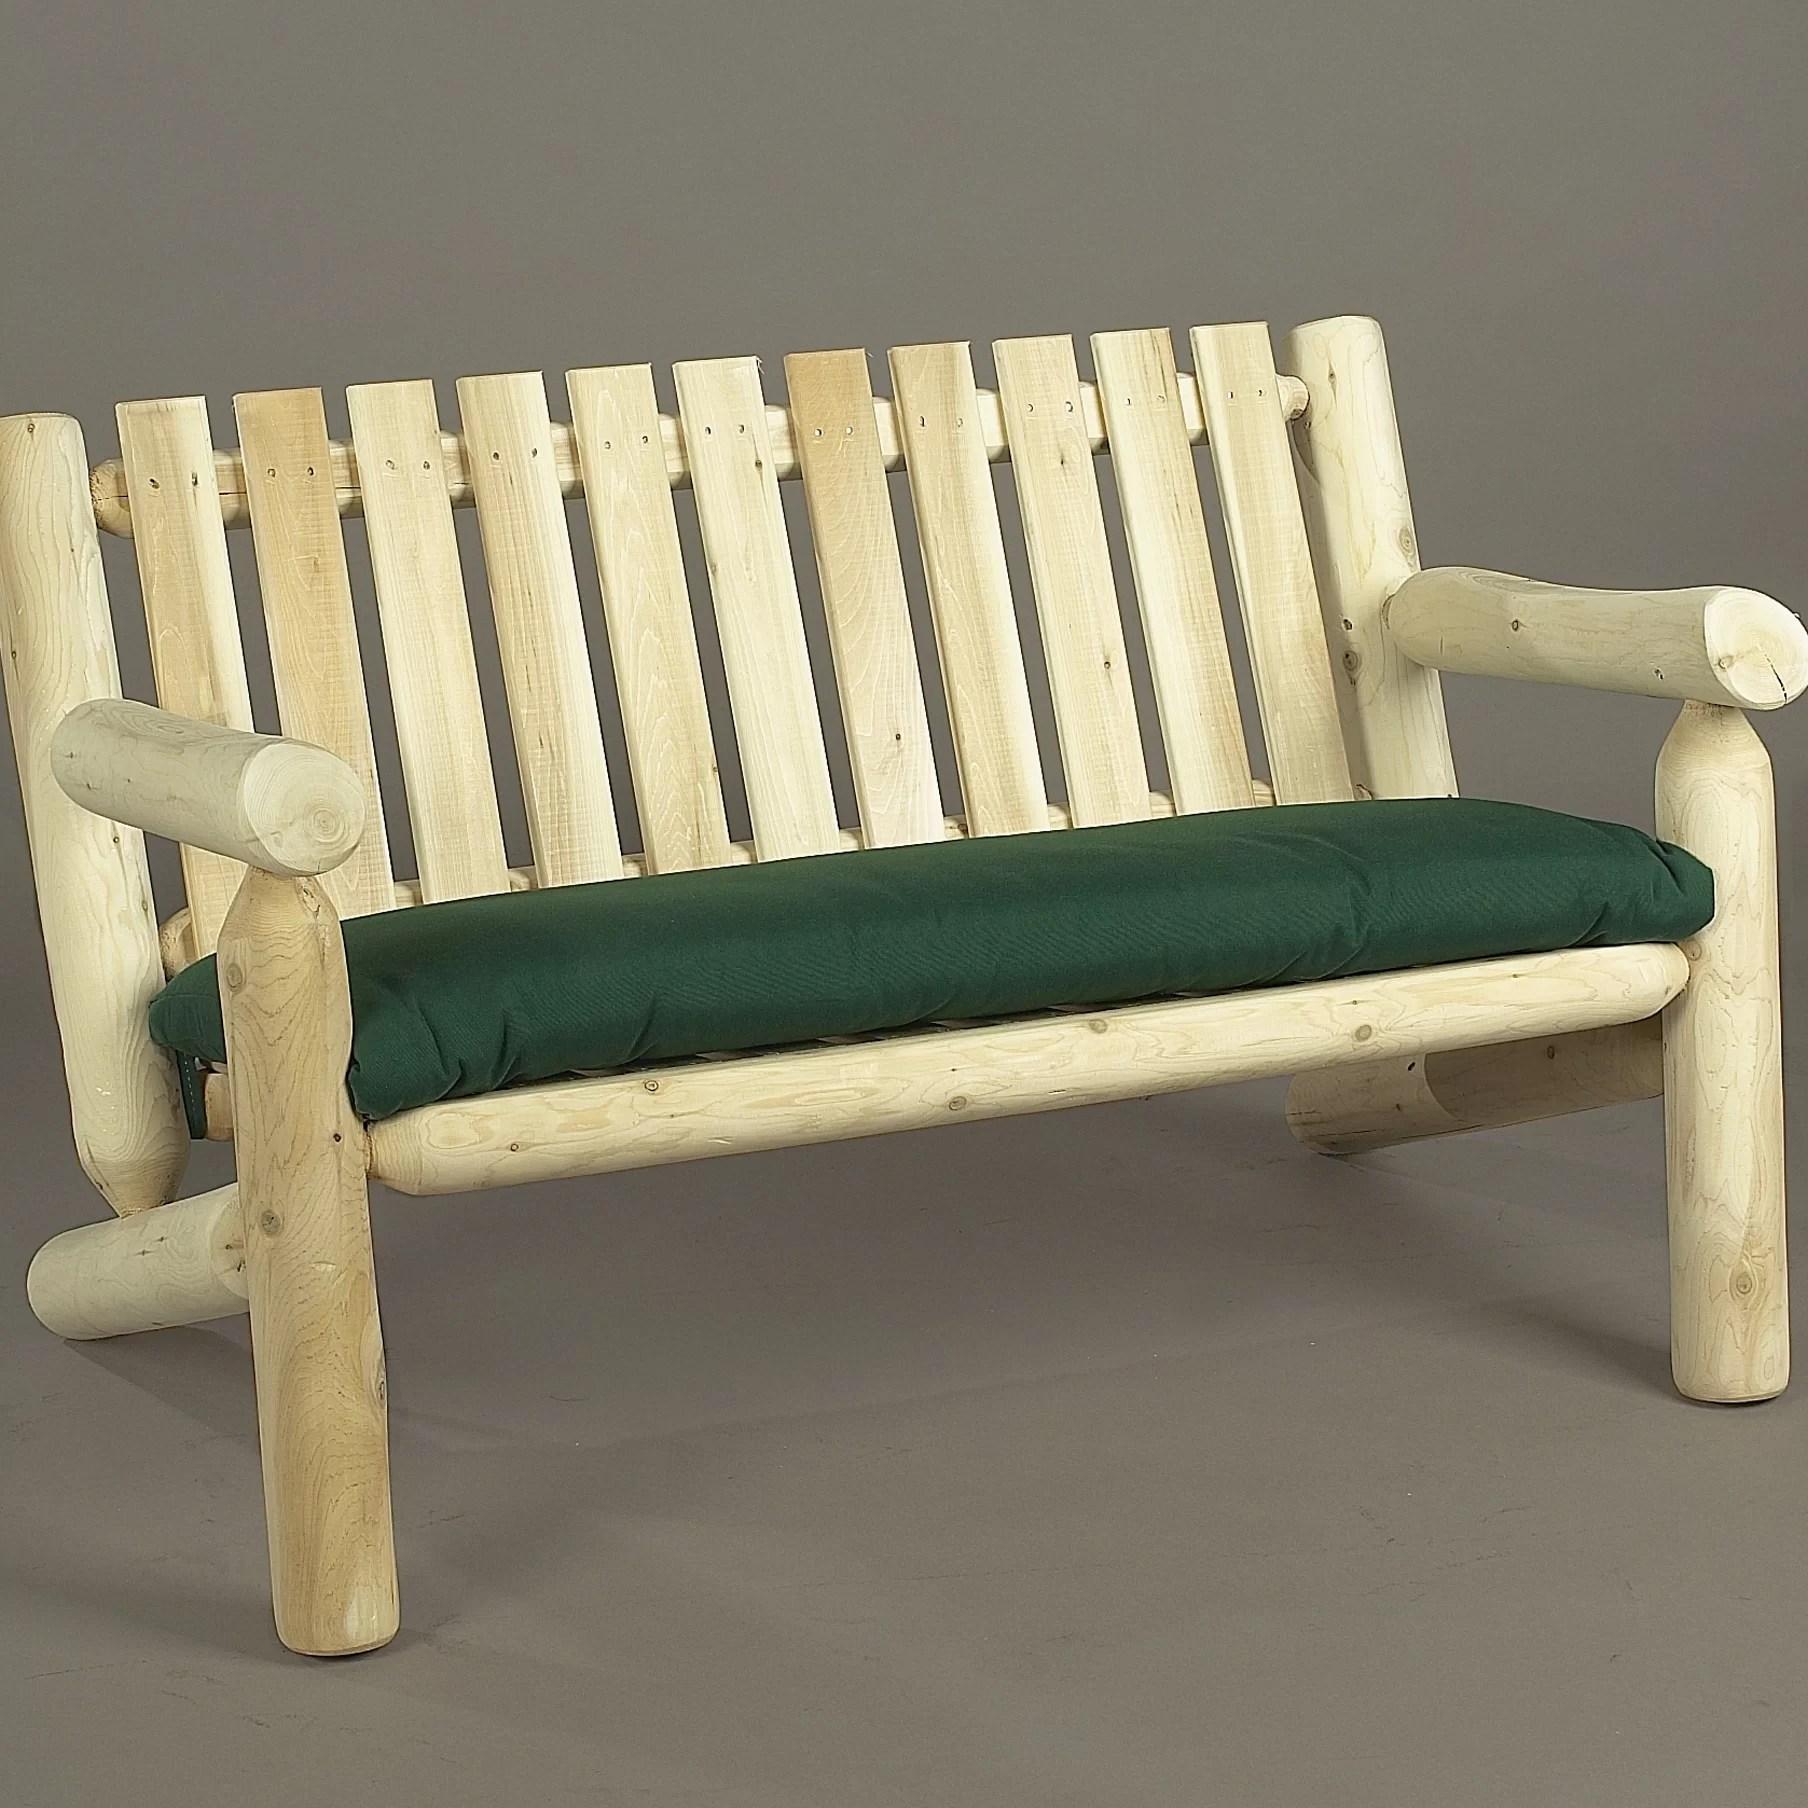 cedar rocking chairs hanging egg chair outdoor rustic indoor